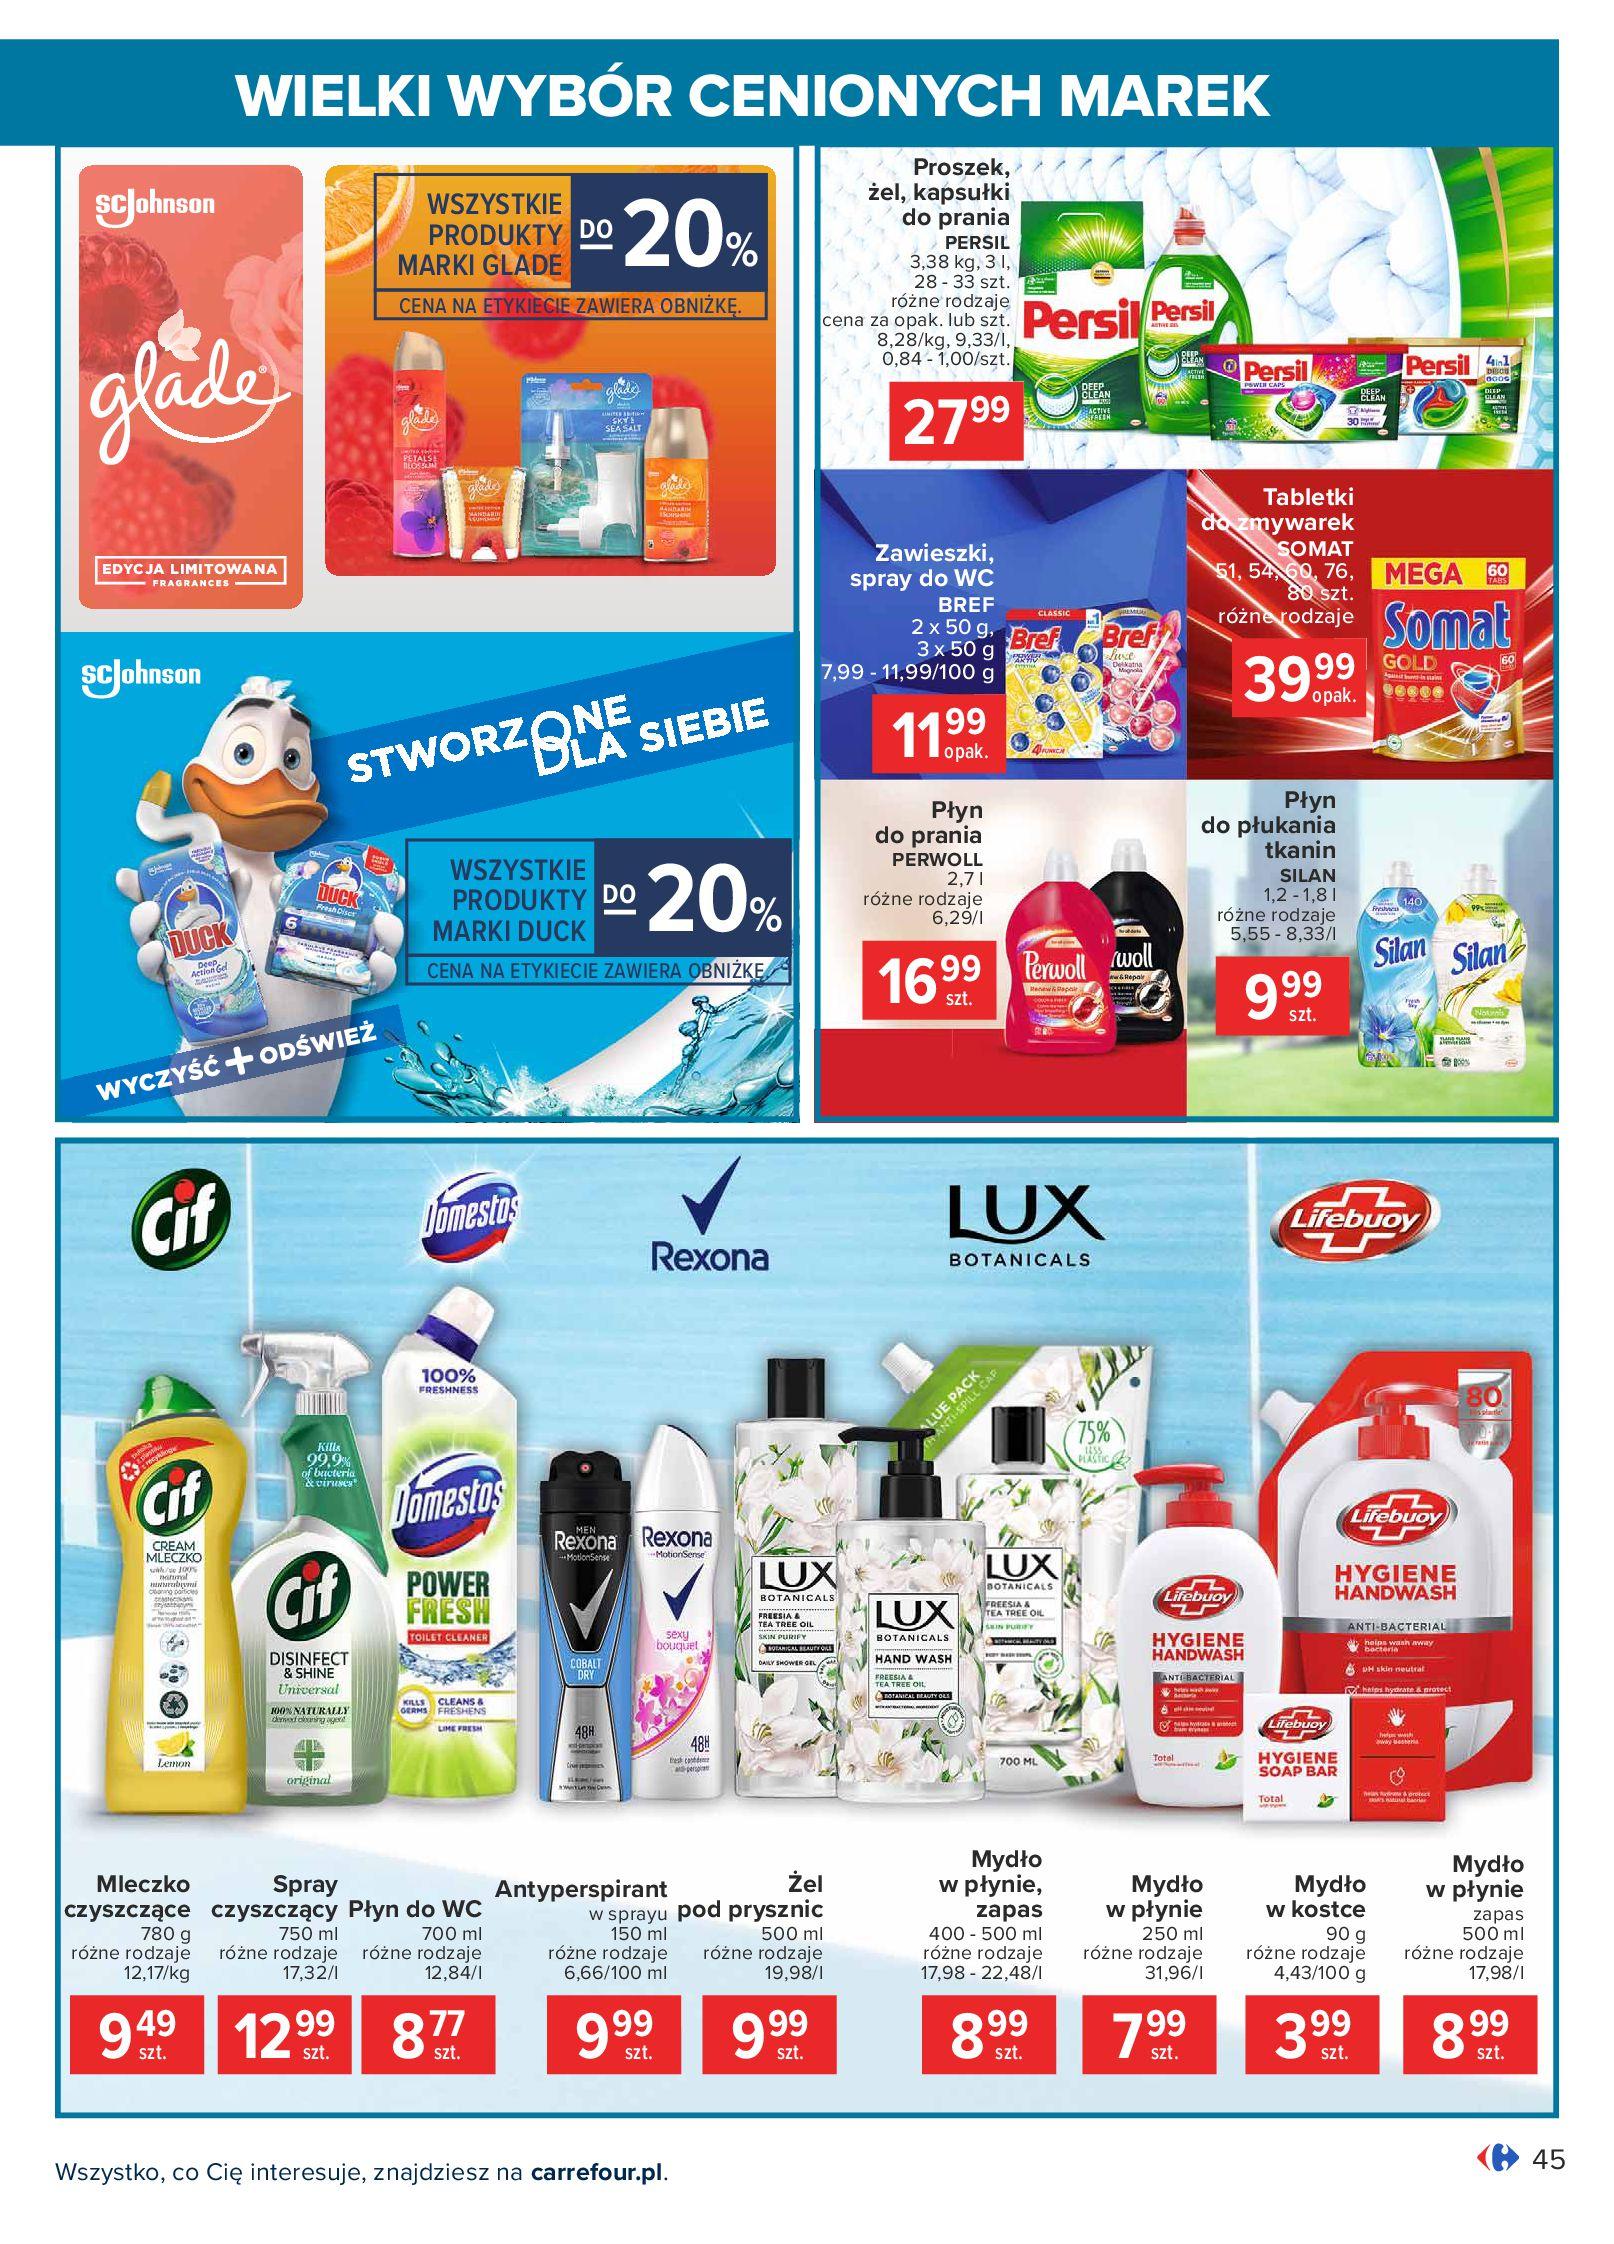 Gazetka Carrefour: Wielki wybór cenionych marek 2021-05-04 page-45